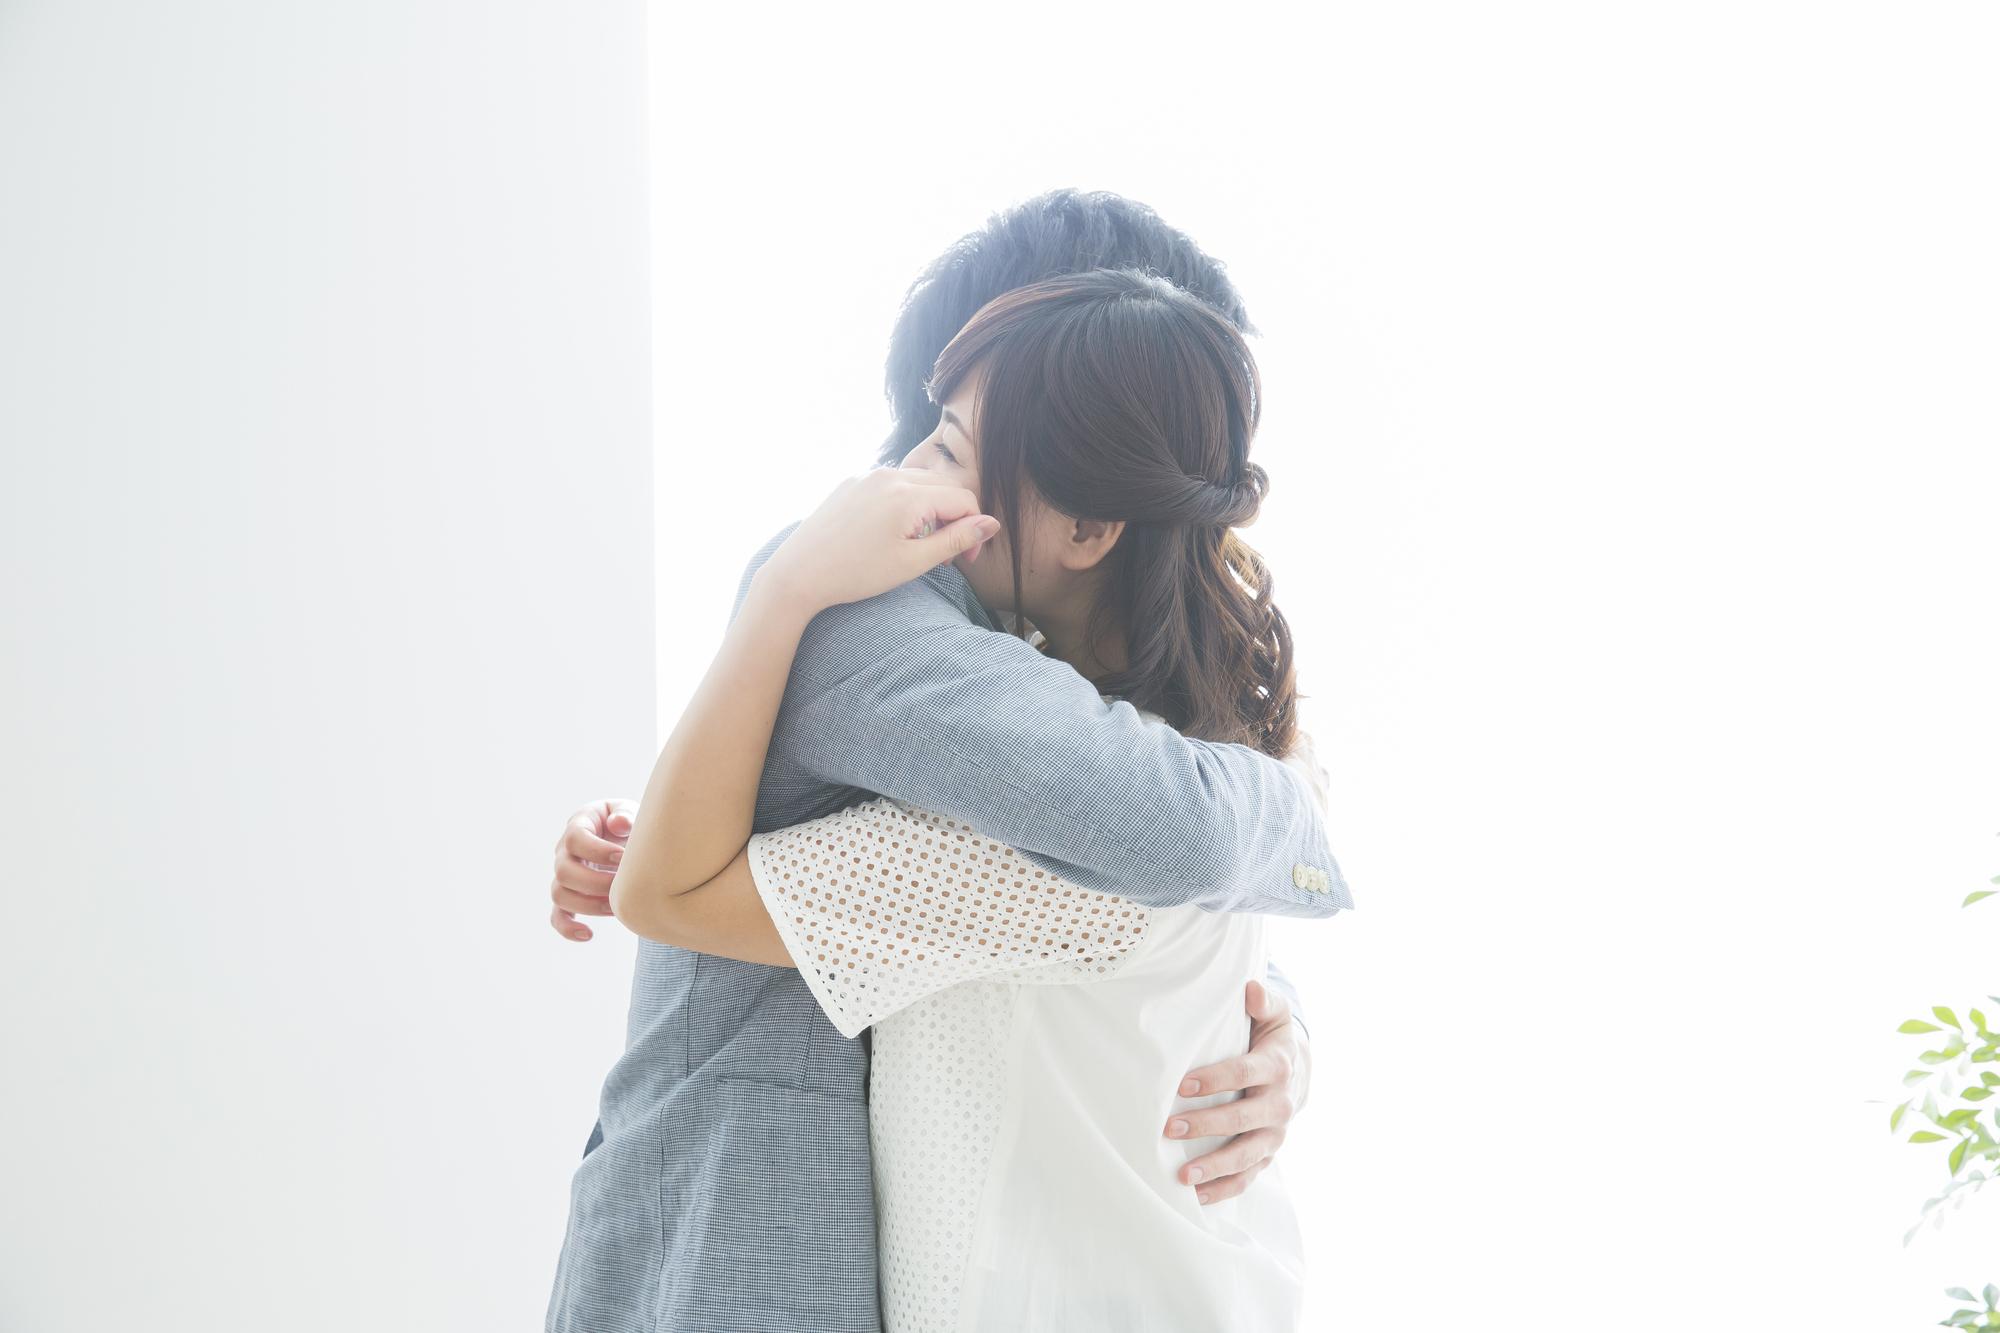 付き合う前に大切にしてくれる人か見極める方法